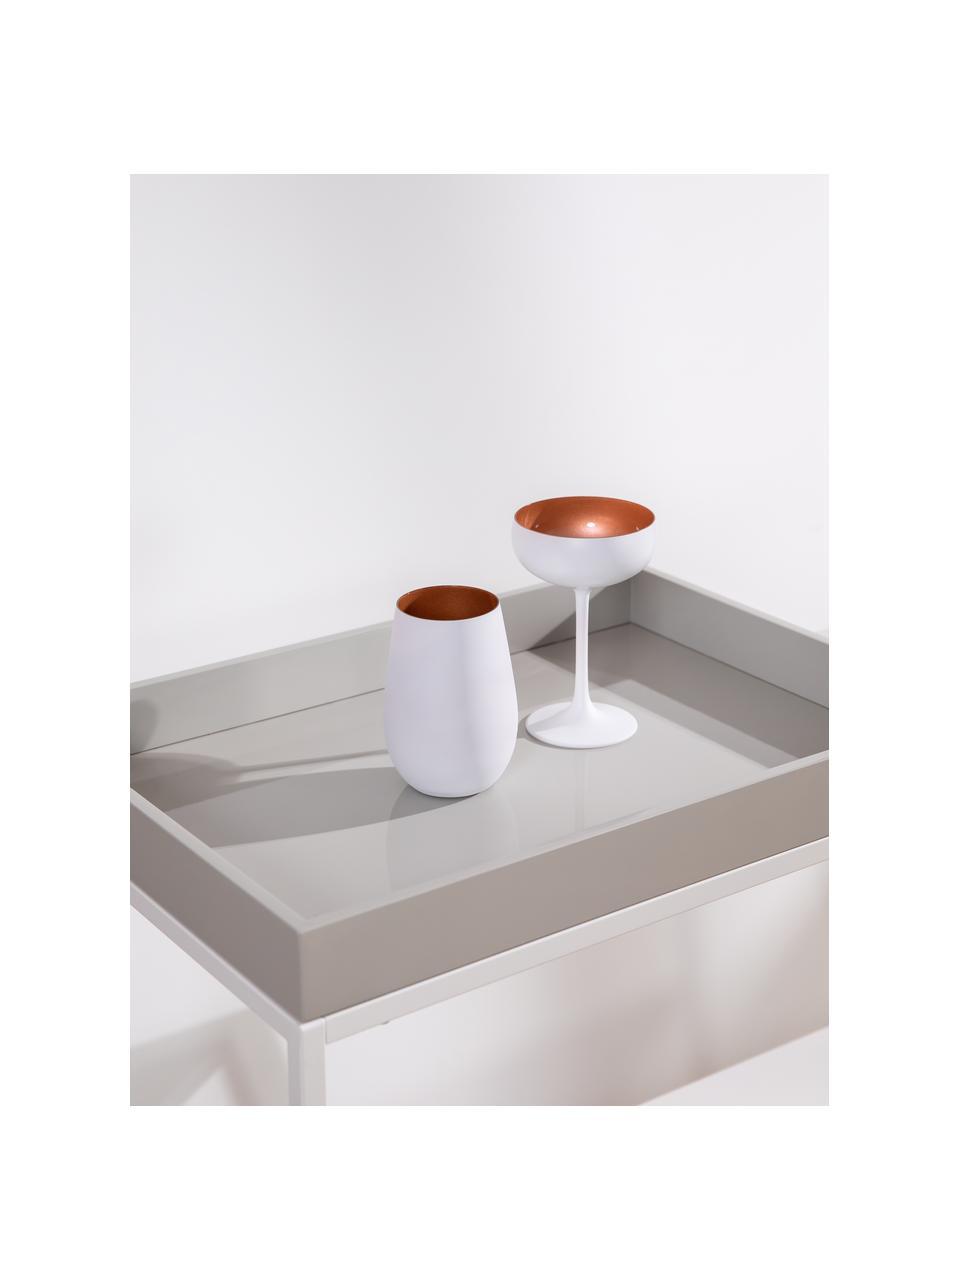 Kristal champagneglazen Elements in wit/koper, 6-delig, Kristalglas, gecoat, Wit, bronskleurig, Ø 10 x H 15 cm